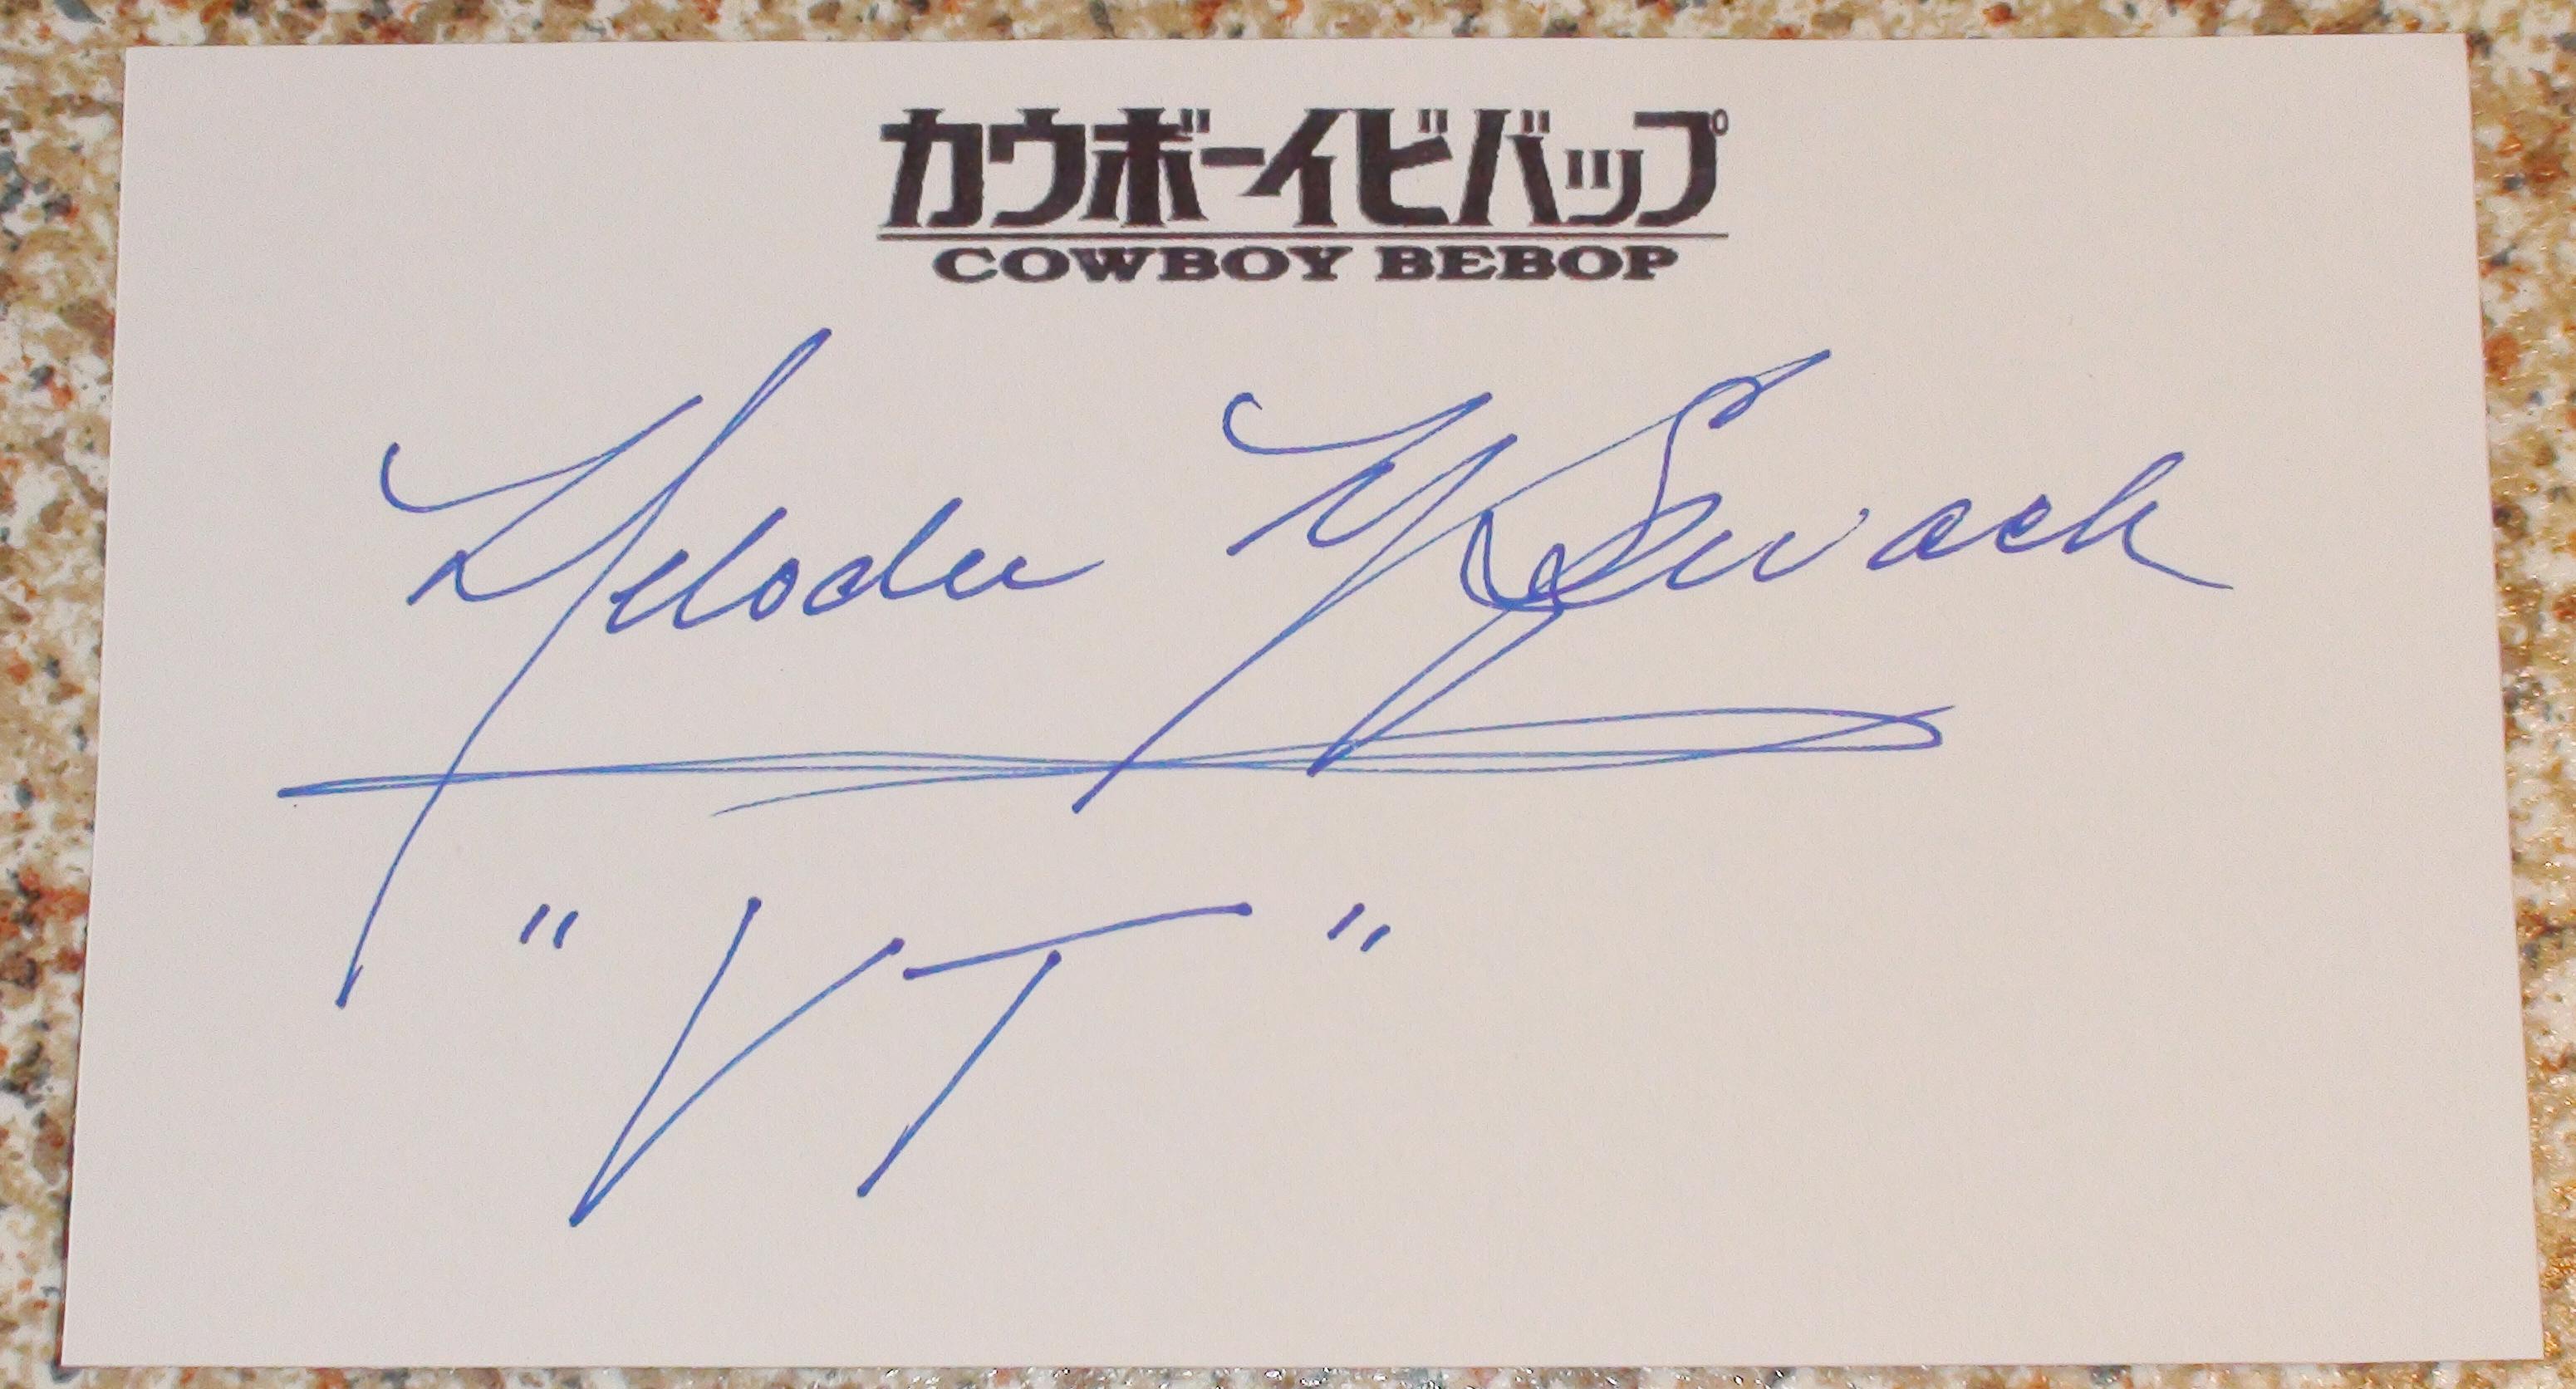 Cowboy Bebop - Melodee Spevack